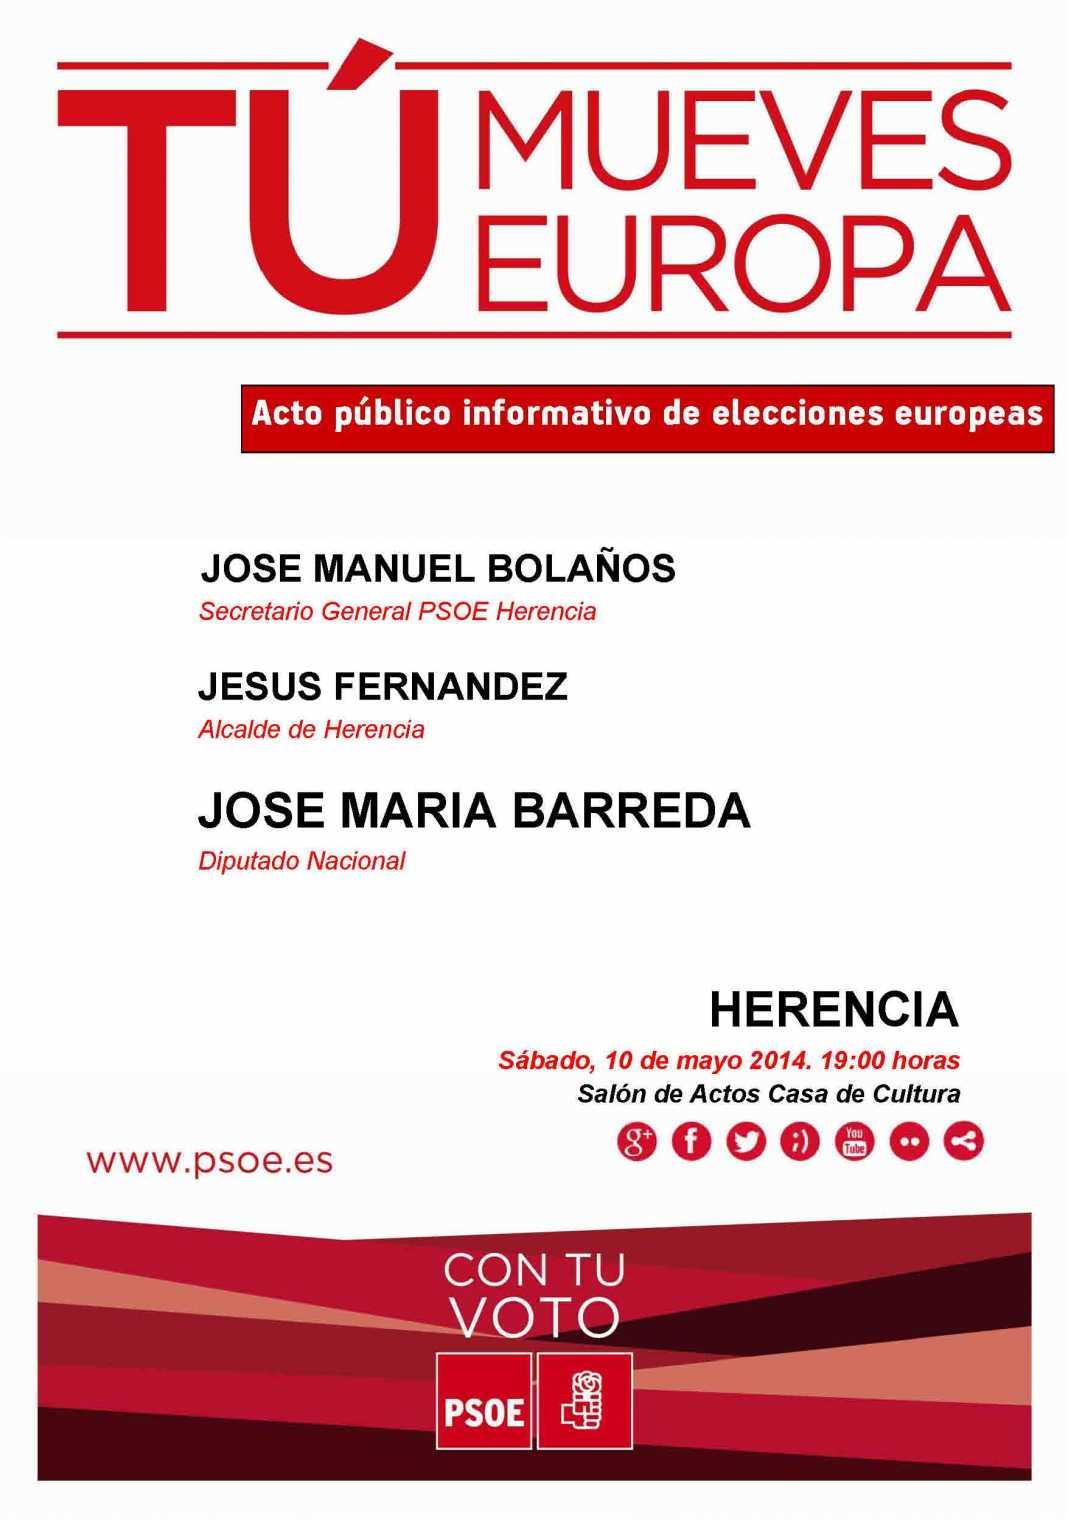 Acto público informativo de la agrupación socialista en Herencia con motivo de las elecciones al Parlamento Europeo